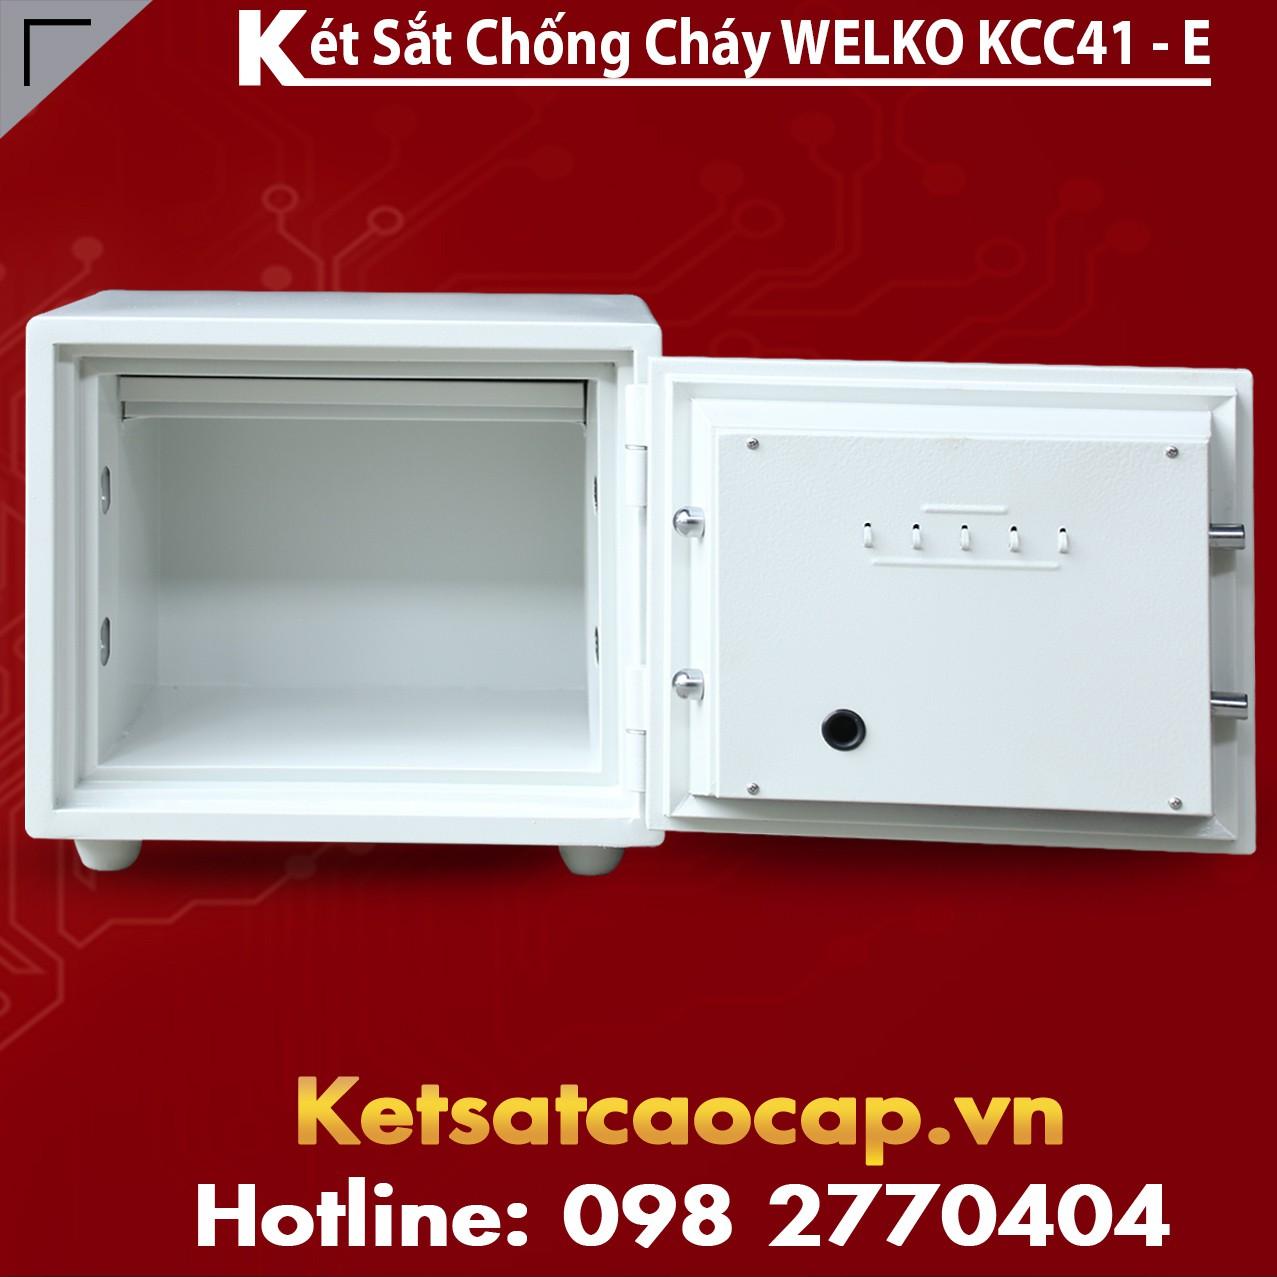 Két Sắt Giá Rẻ KCC41 E Silver - White